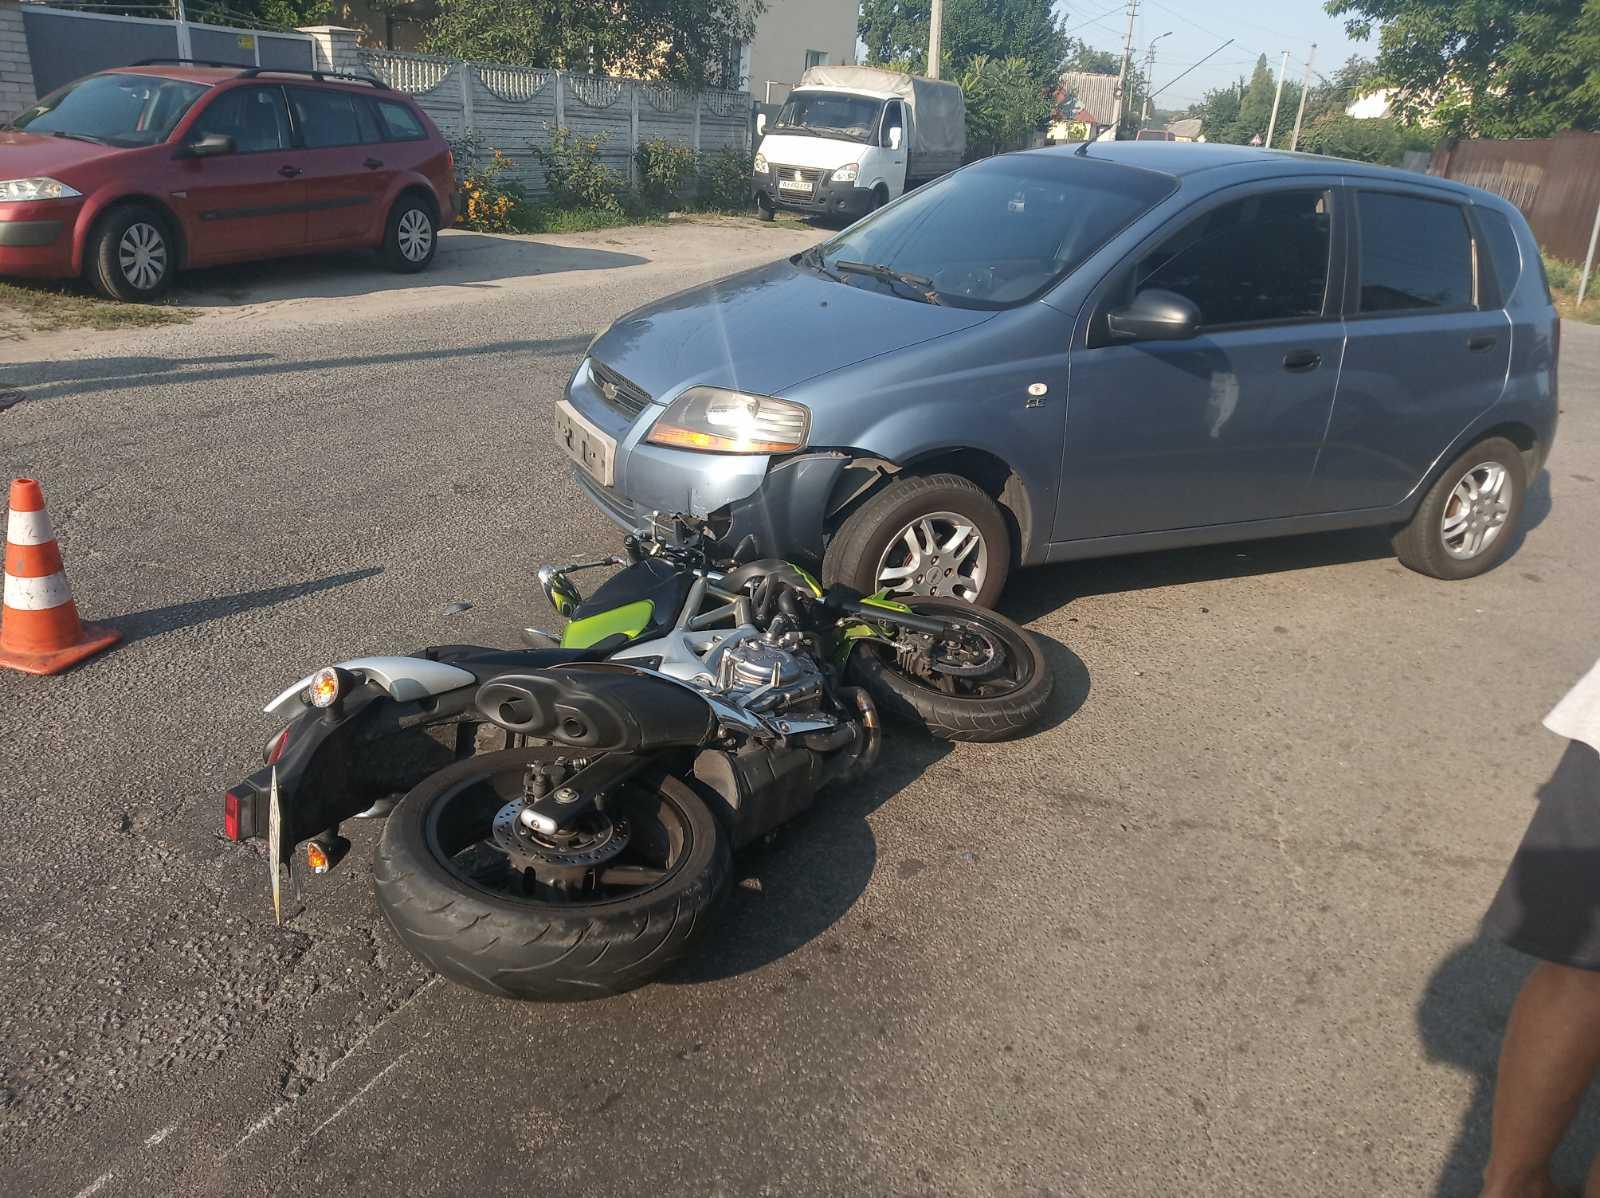 У Броварах сталася мото ДТП з постраждалим - мотоцикл, мотодтп, ДТП з потерпілим - dtp1SM